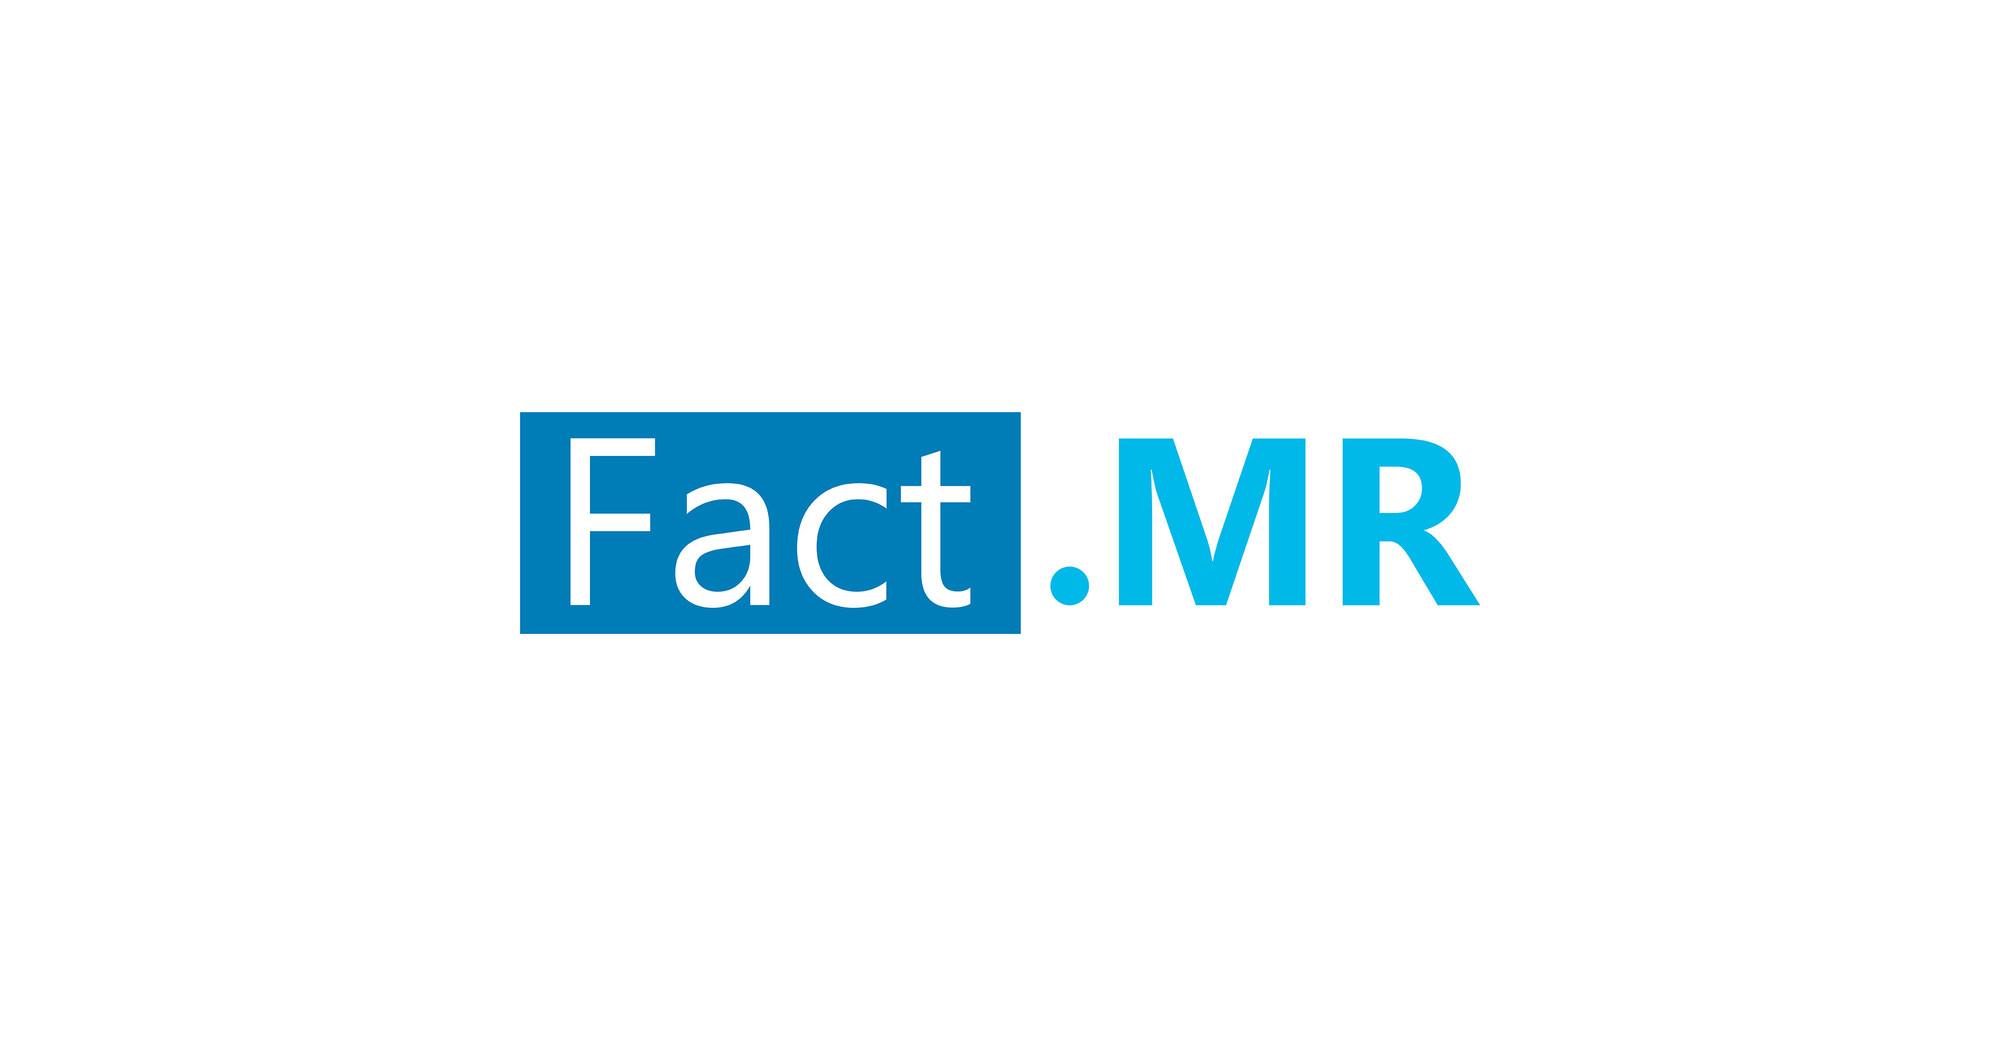 FactMR Logo jpg?p=facebook.